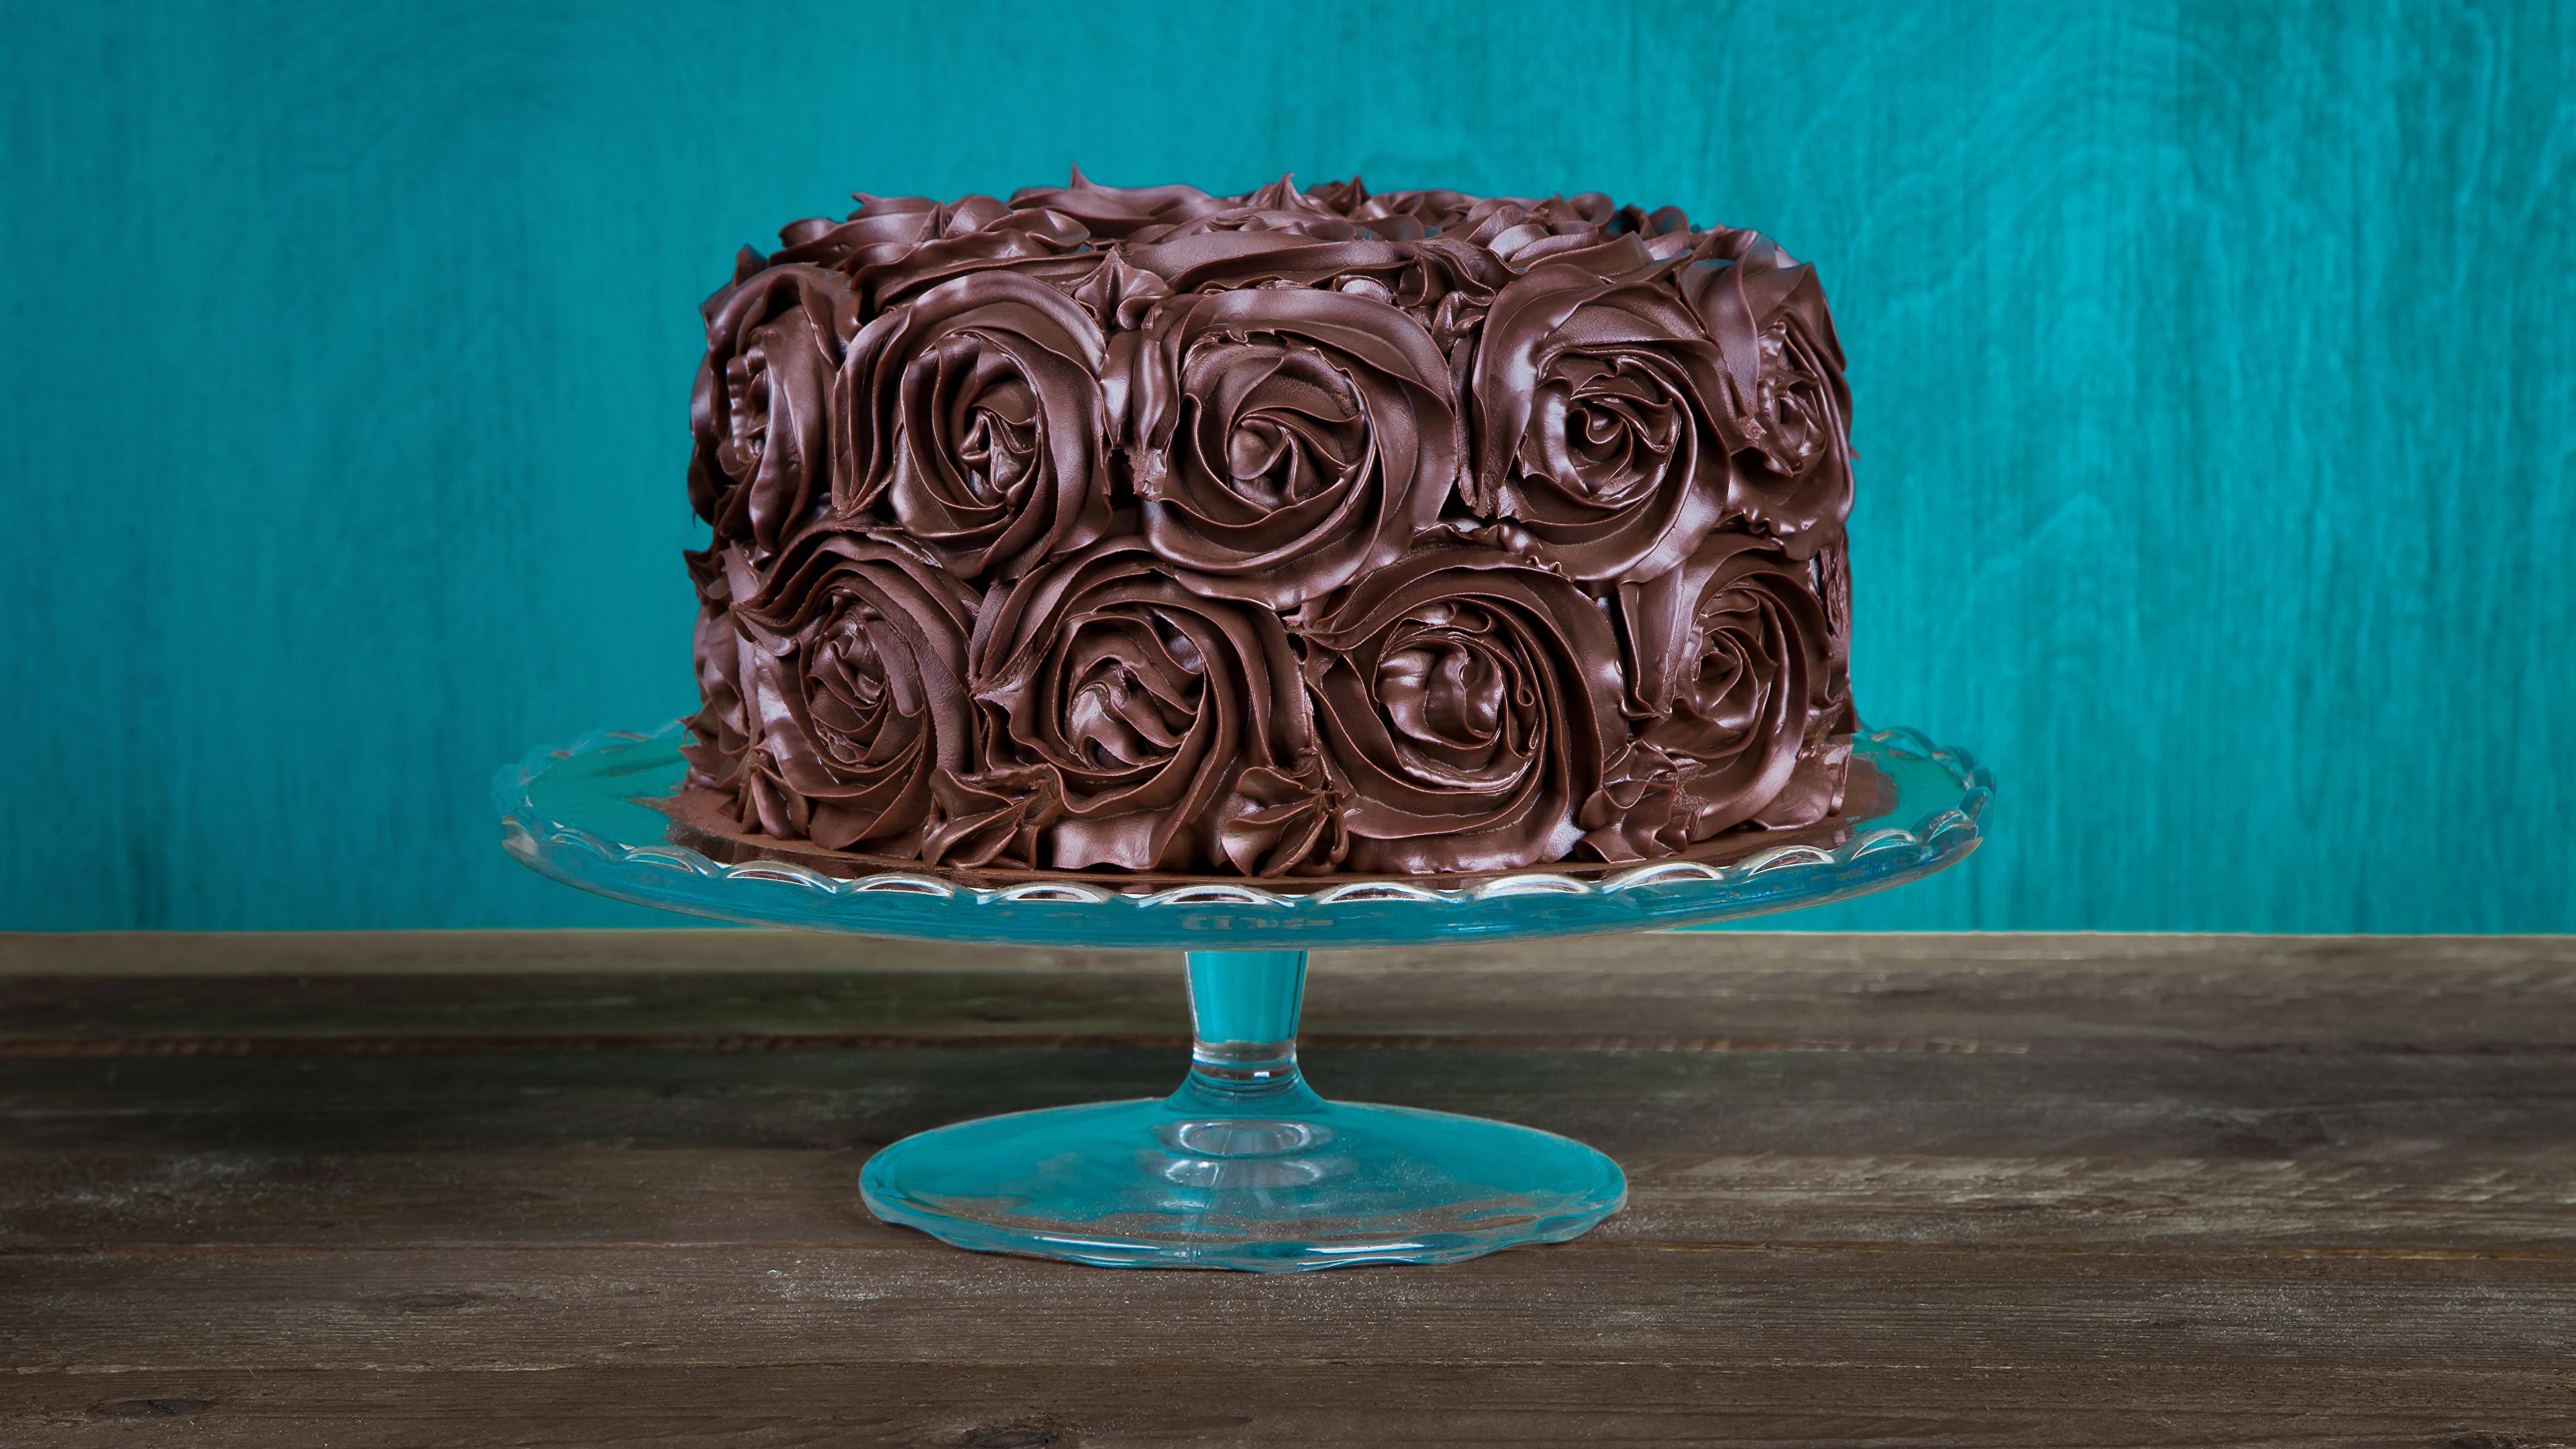 Картинка Шоколад Торты Еда Сладости Дизайн 3840x2160 Пища Продукты питания